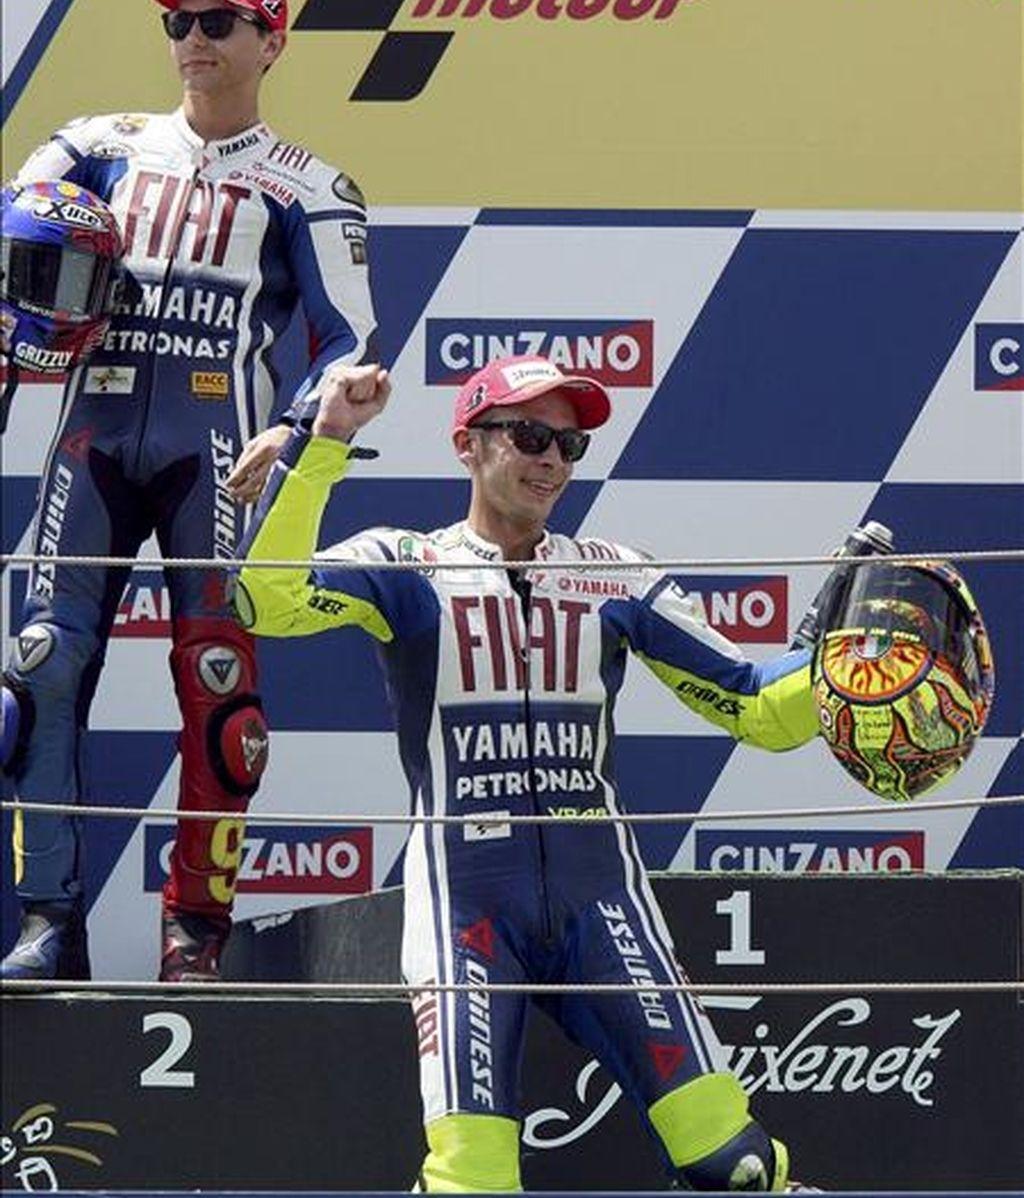 El piloto italiano de Moto GP Valentino Rossi (Fiat-Yamaha) celebra su victoria delante de su compañero de equipo, el piloto español Jorge Lorenzo (i), en el Gran Premio de Catalunya de motociclismo disputado en el Circuito de Montmeló (Barcelona). EFE